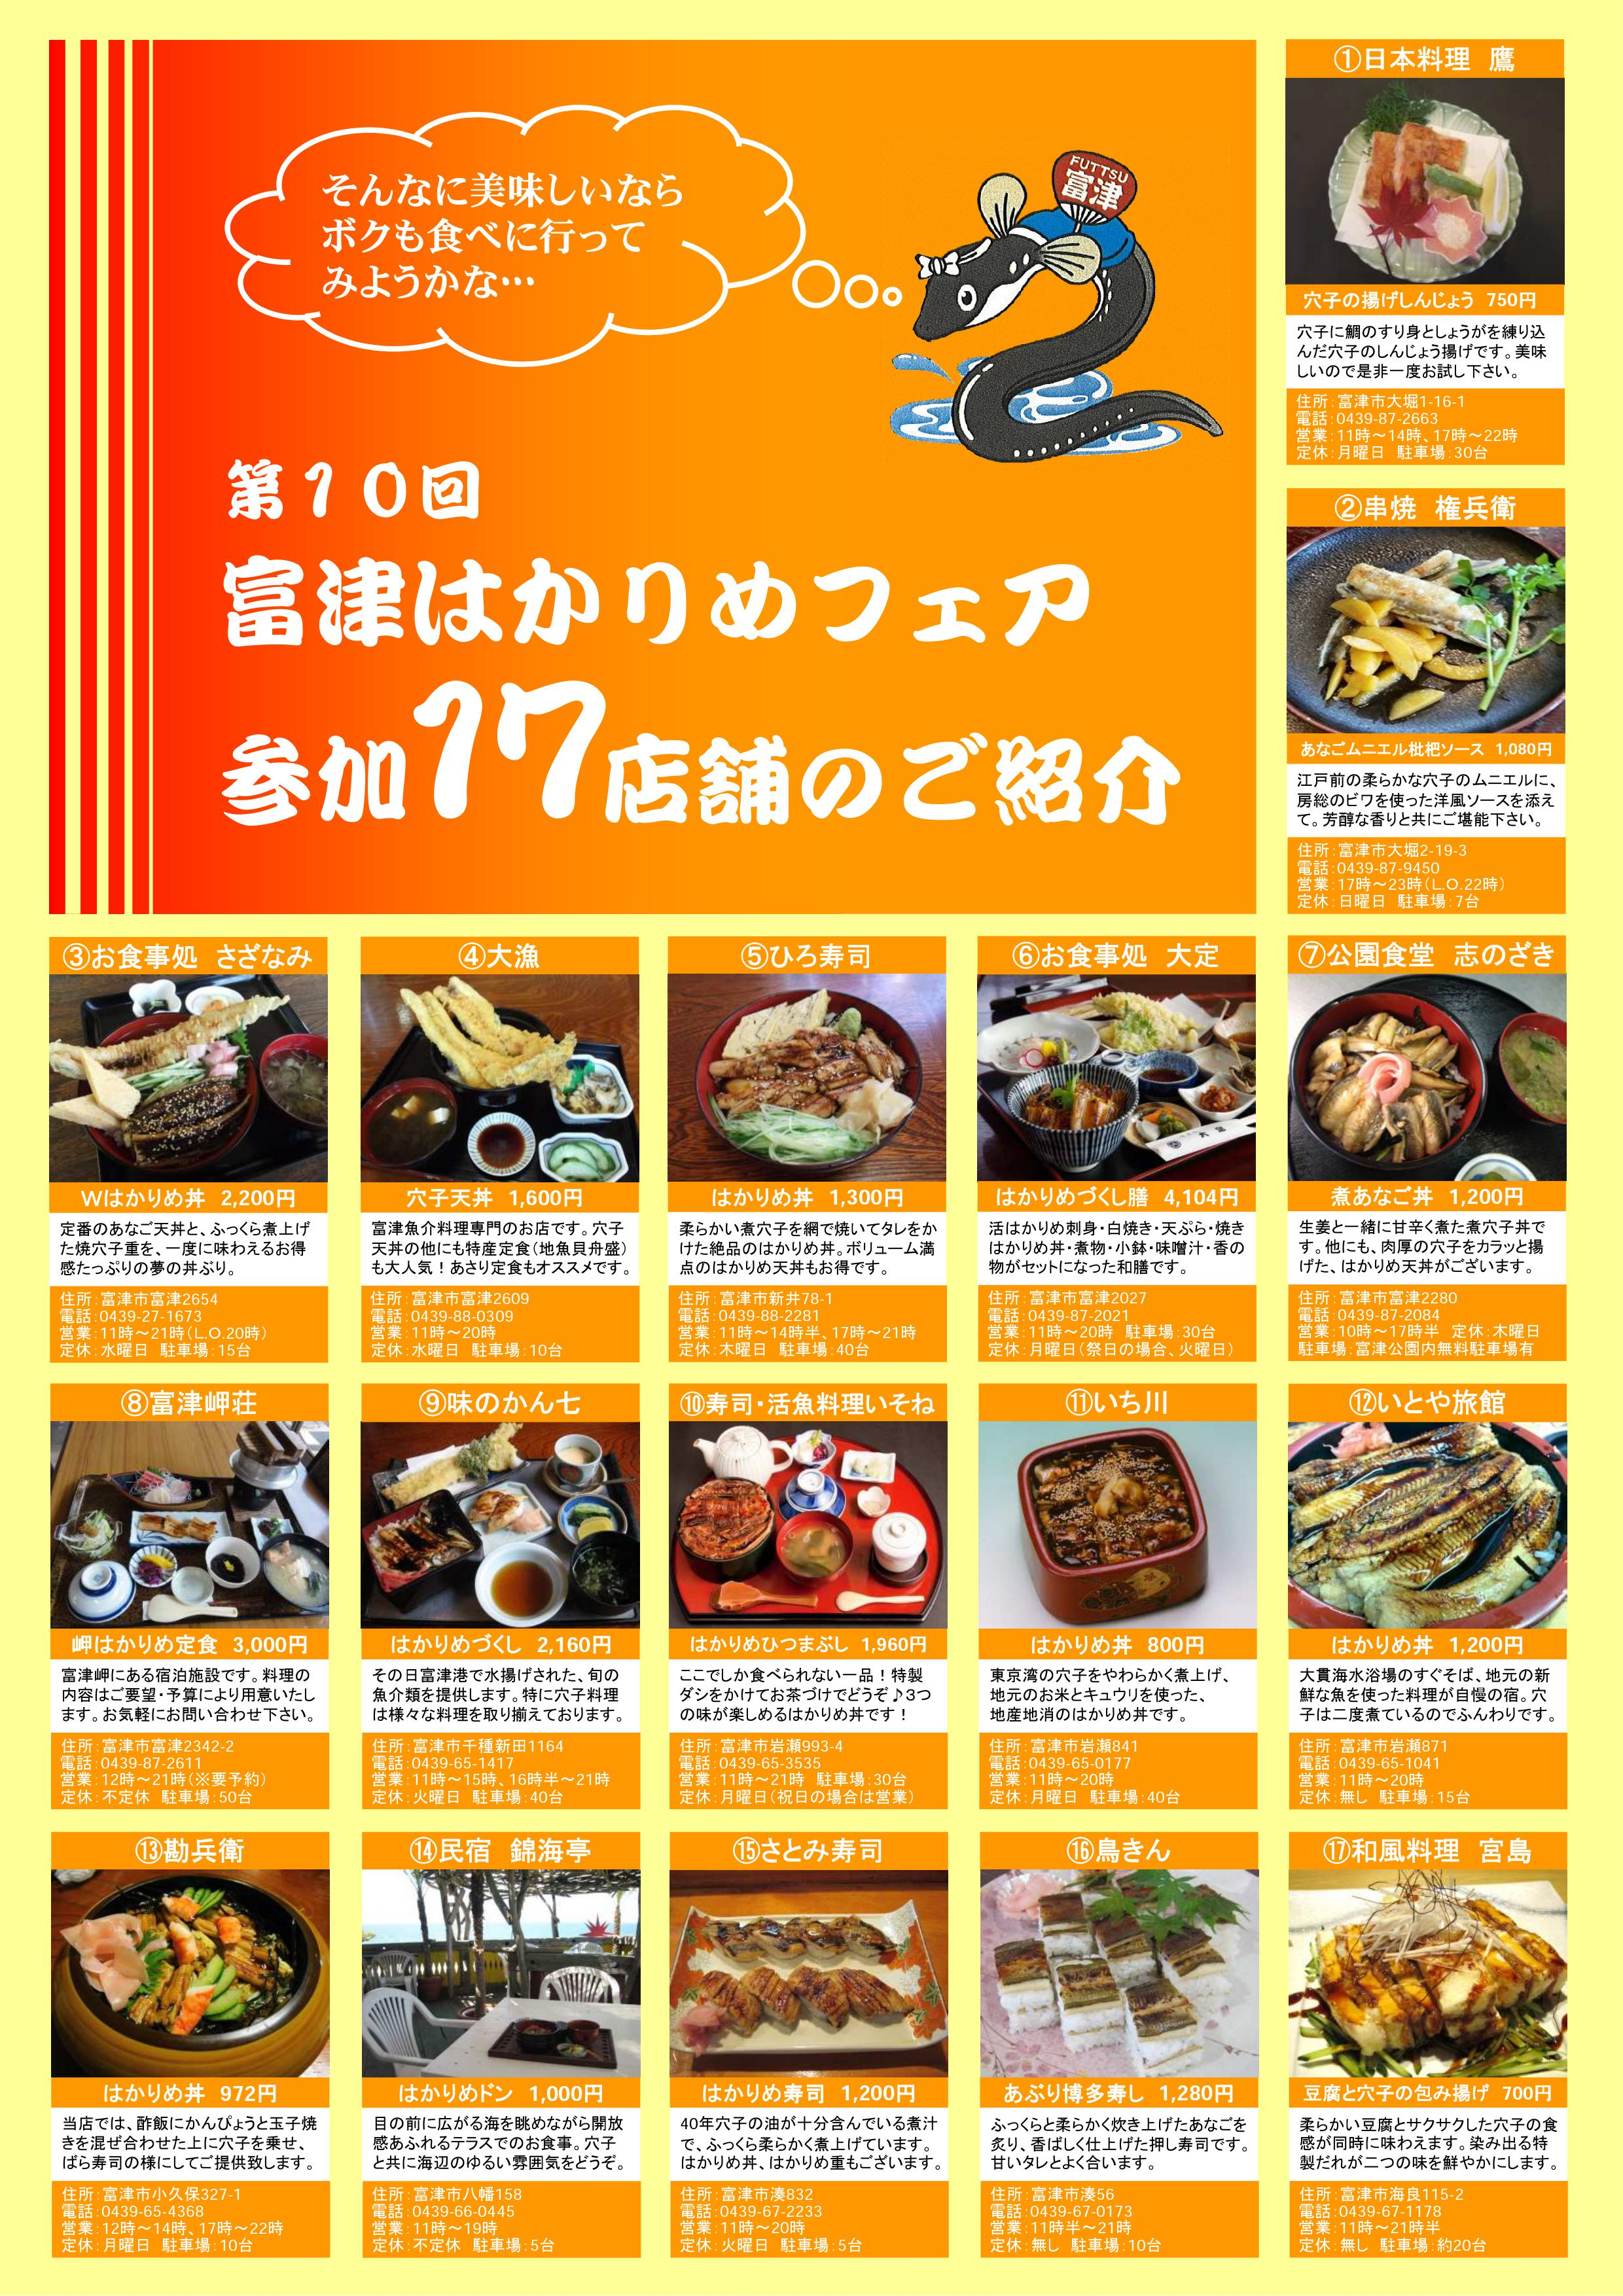 20160601hakarimefair02